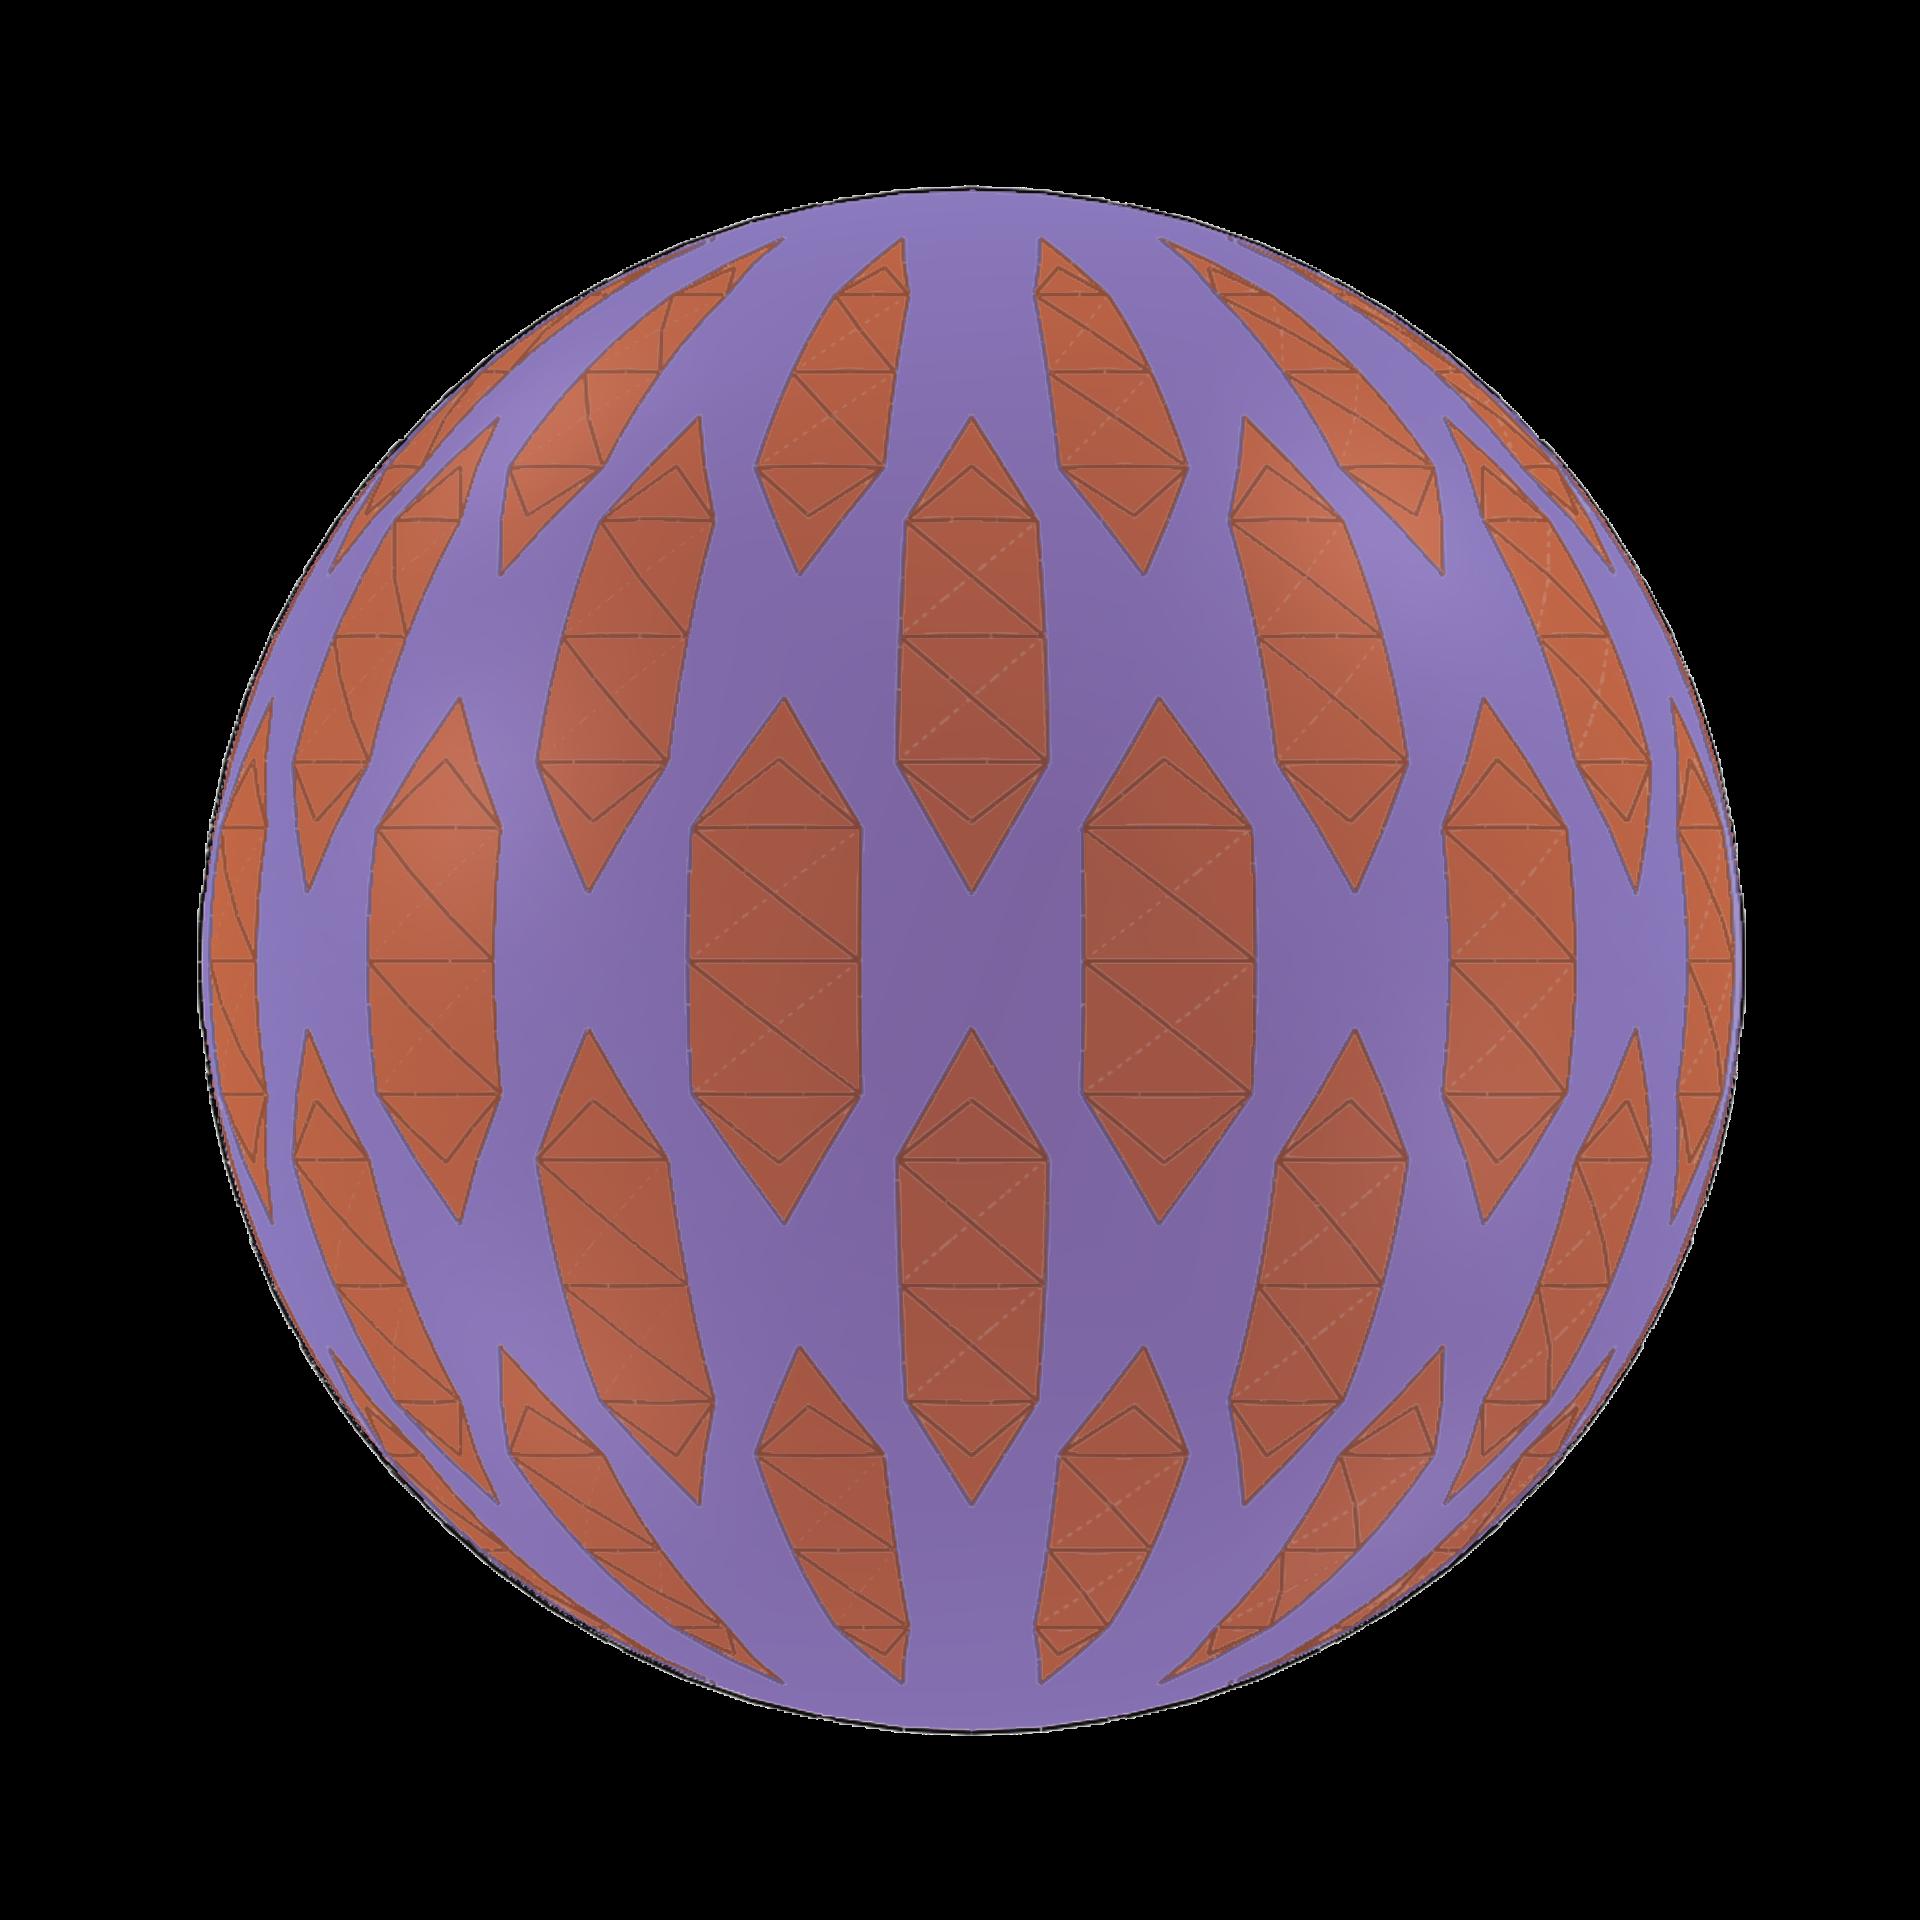 Teilia1